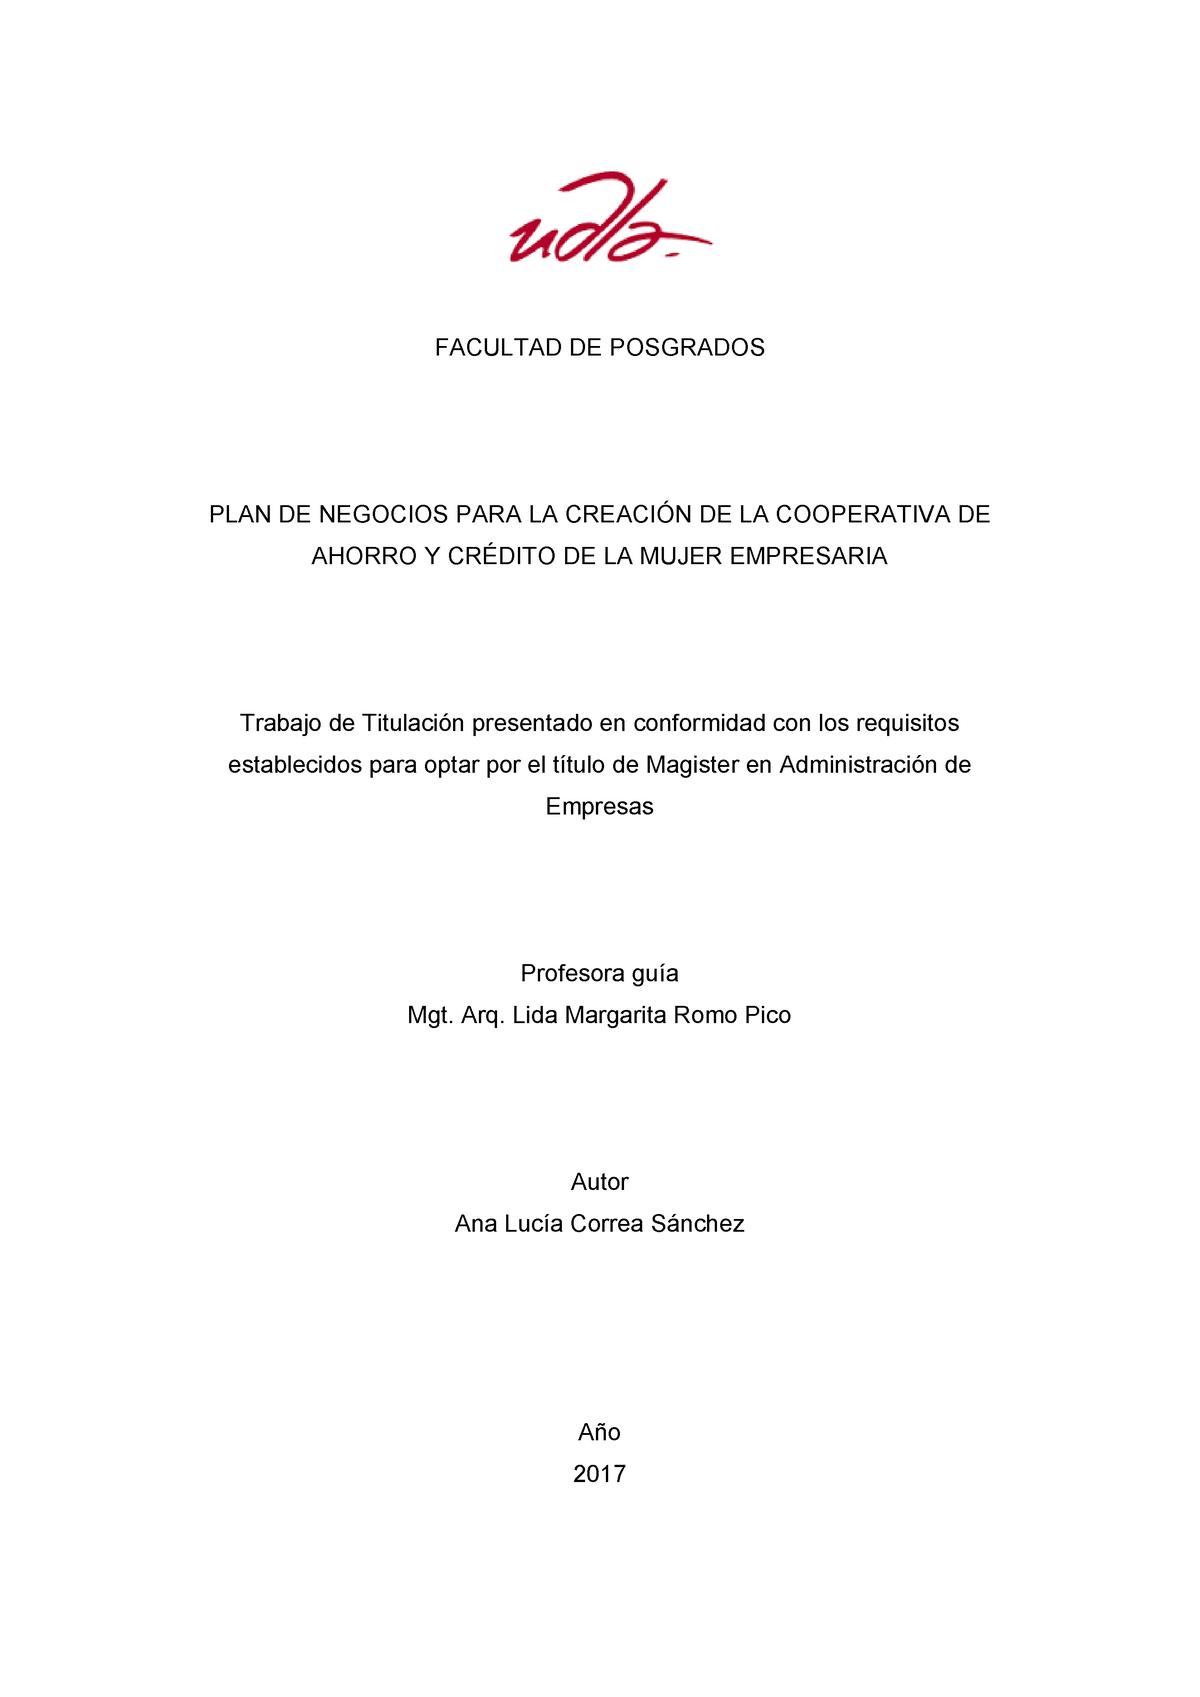 Tesis Udla Ec Tmaef 2017 06 Cooperativa De Credito Y Ahorro